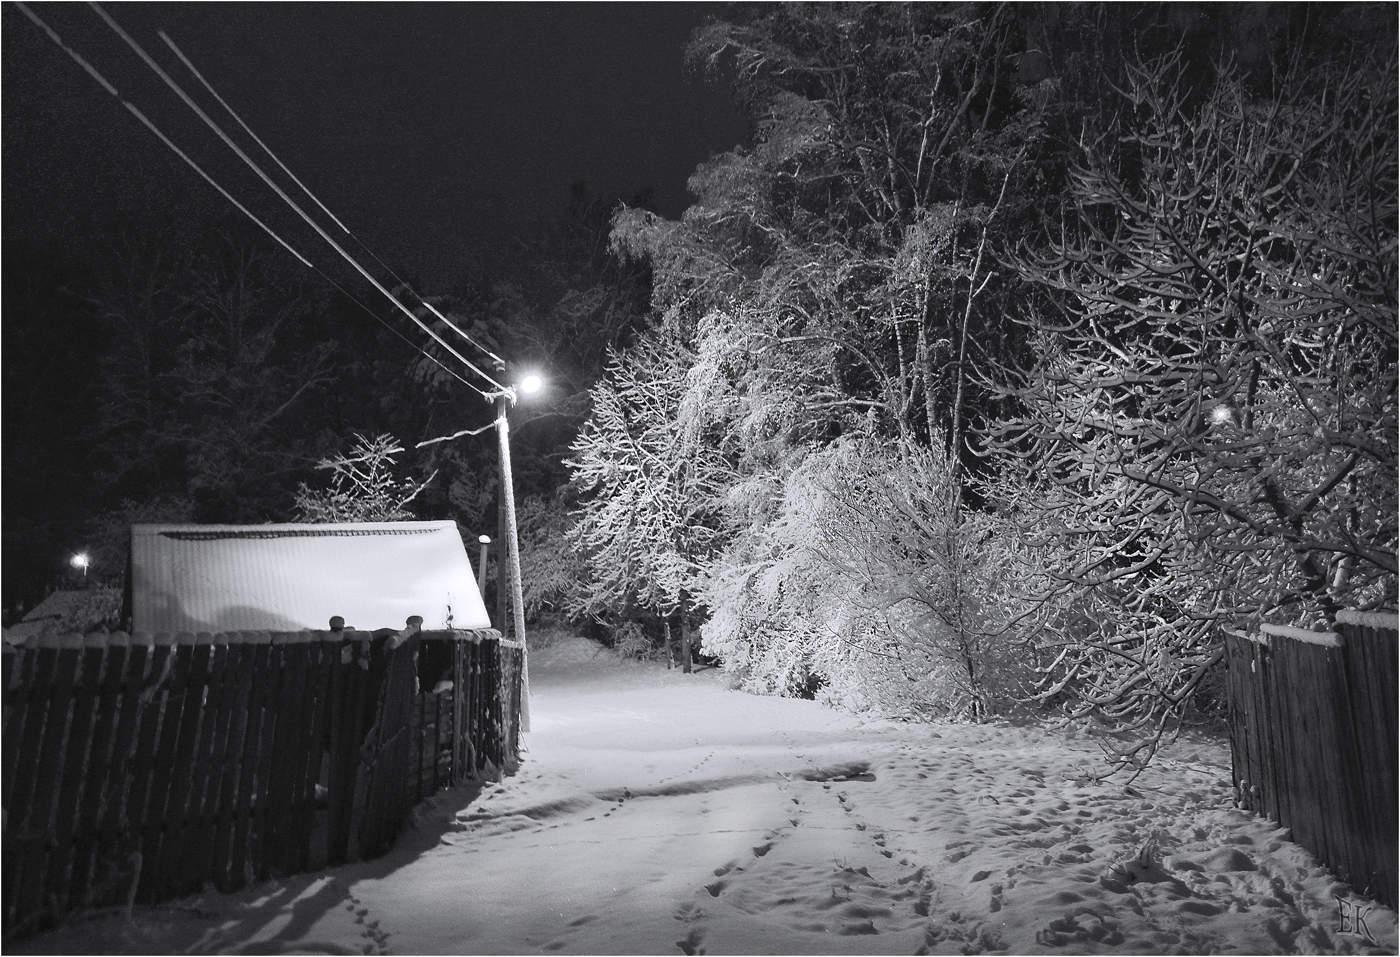 можно использовать снег ночь улица картинки сведения мамоново, транспорте